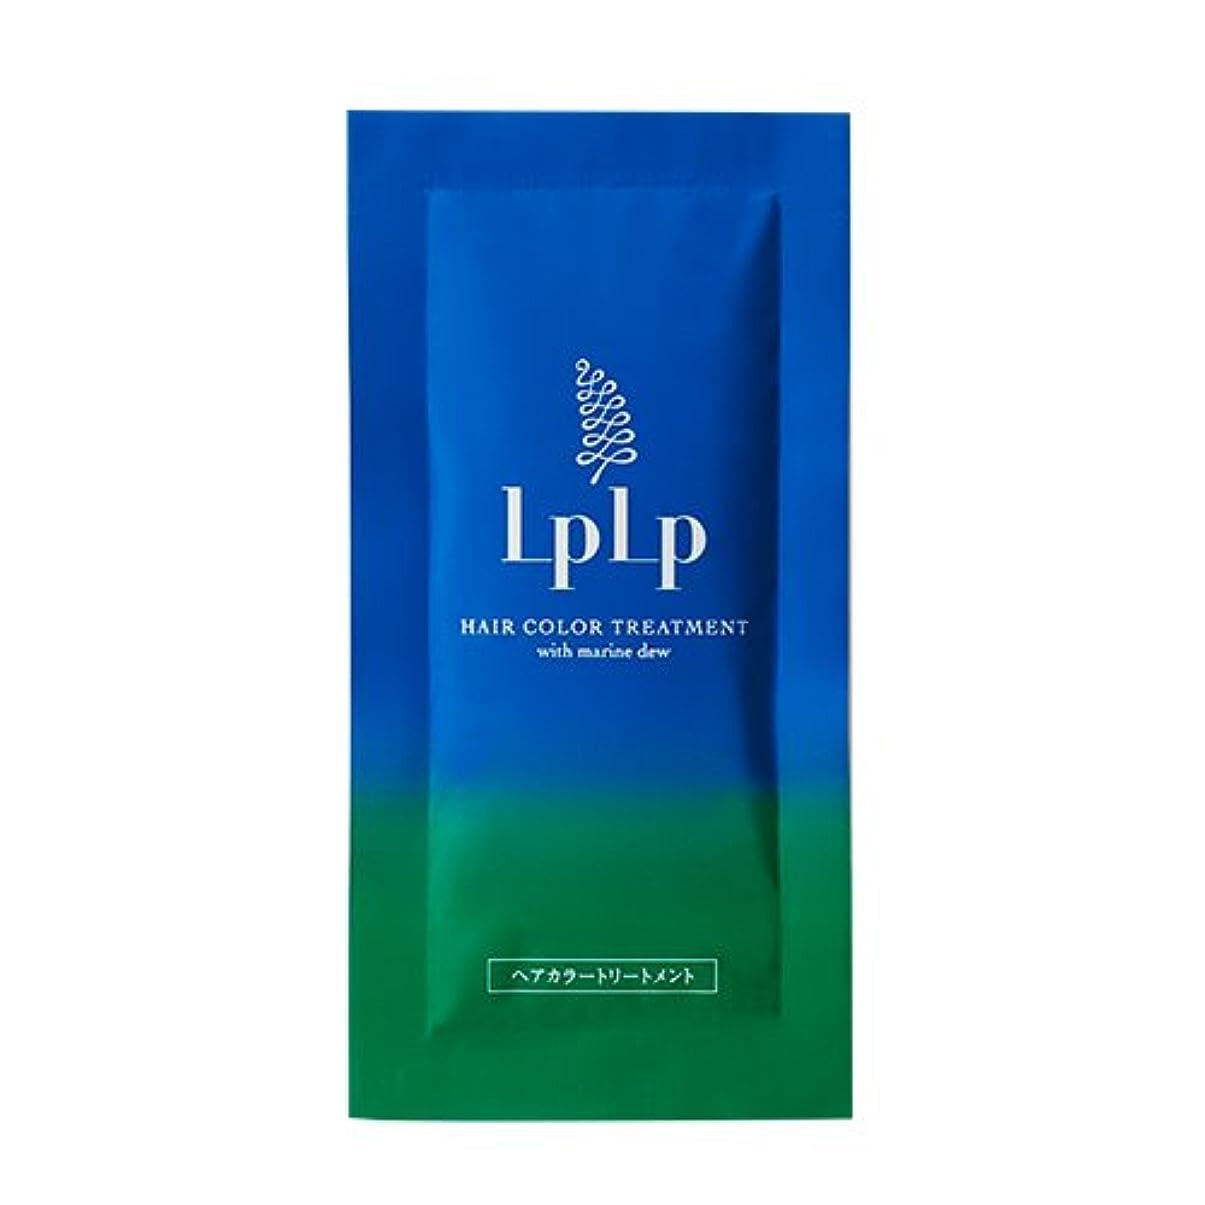 要旨アプト福祉LPLP(ルプルプ)ヘアカラートリートメントお試しパウチ ブラウン